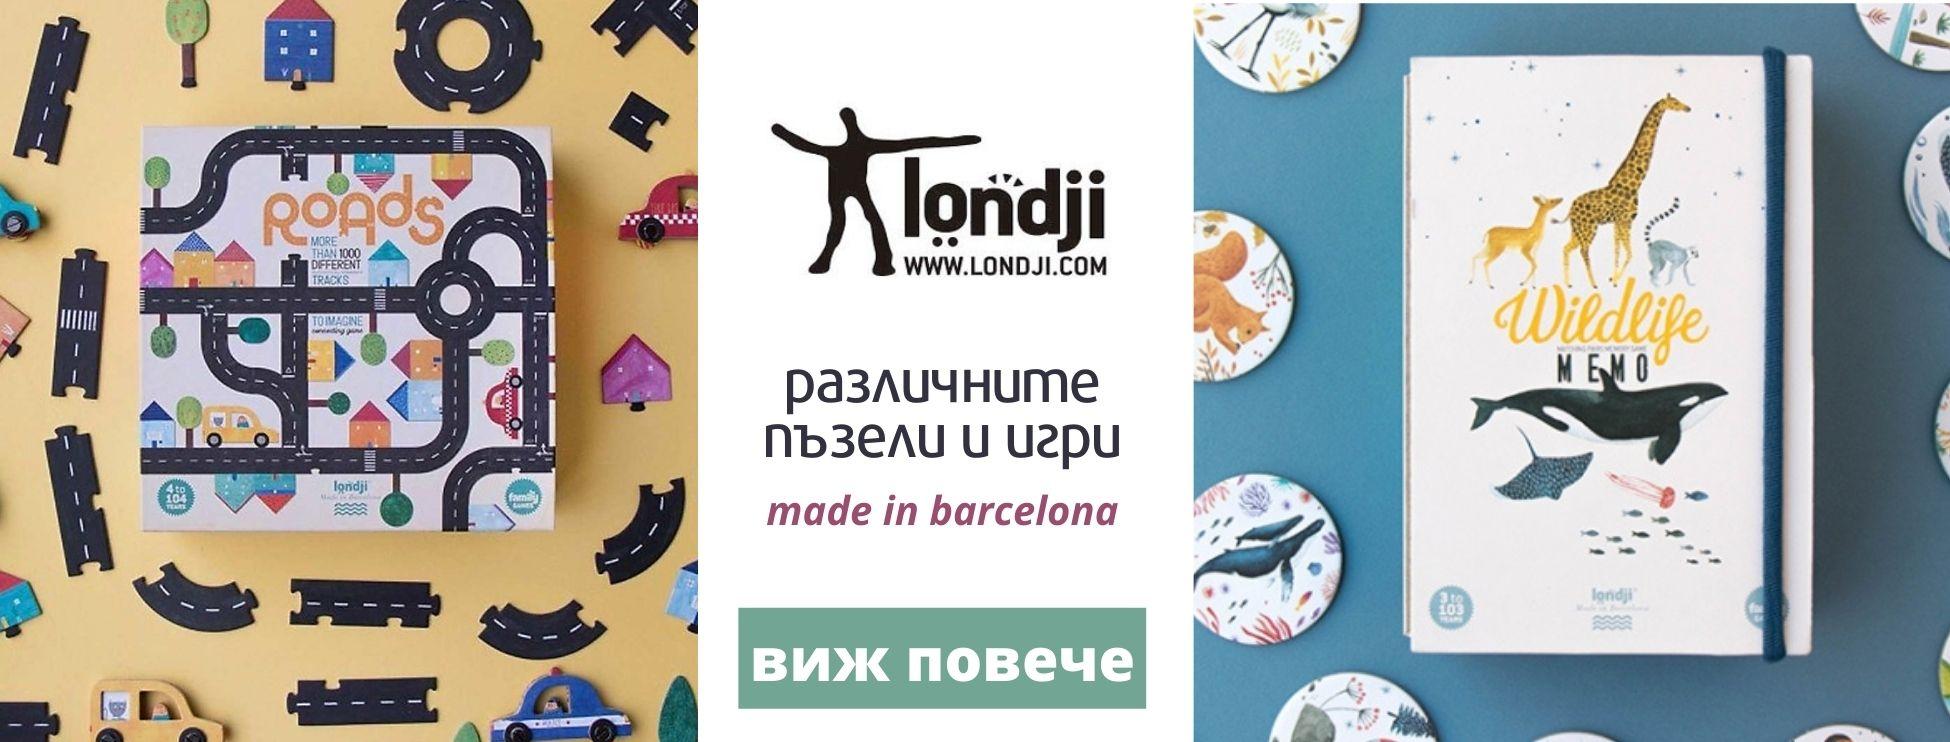 londji-games